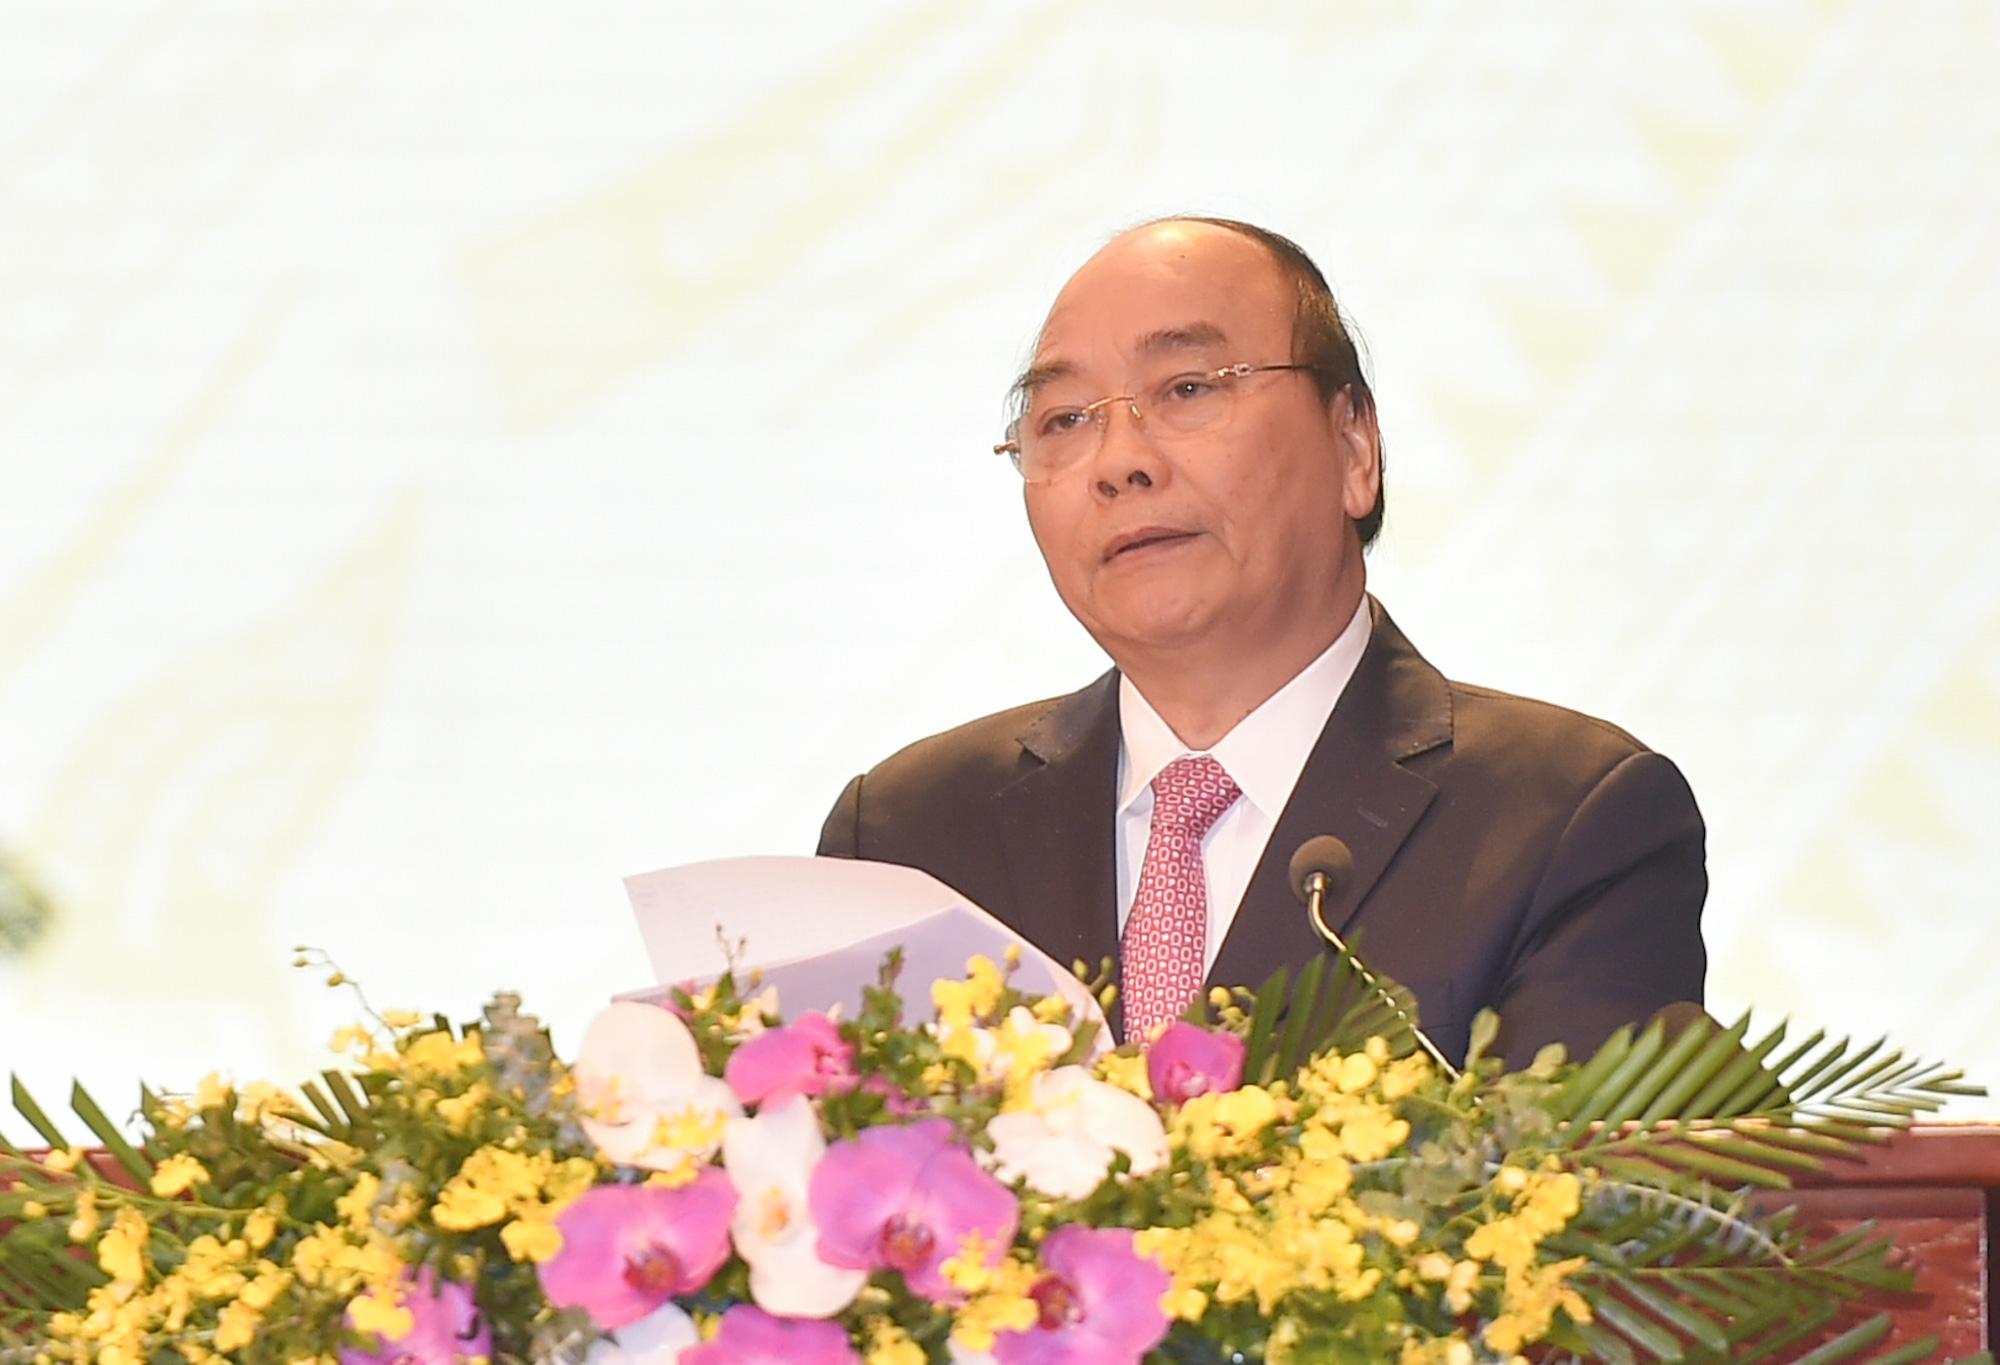 """Thủ tướng Nguyễn Xuân Phúc: """"Phát triển kinh tế tập thể, hợp tác xã là xu thế tất yếu"""" - Ảnh 1."""